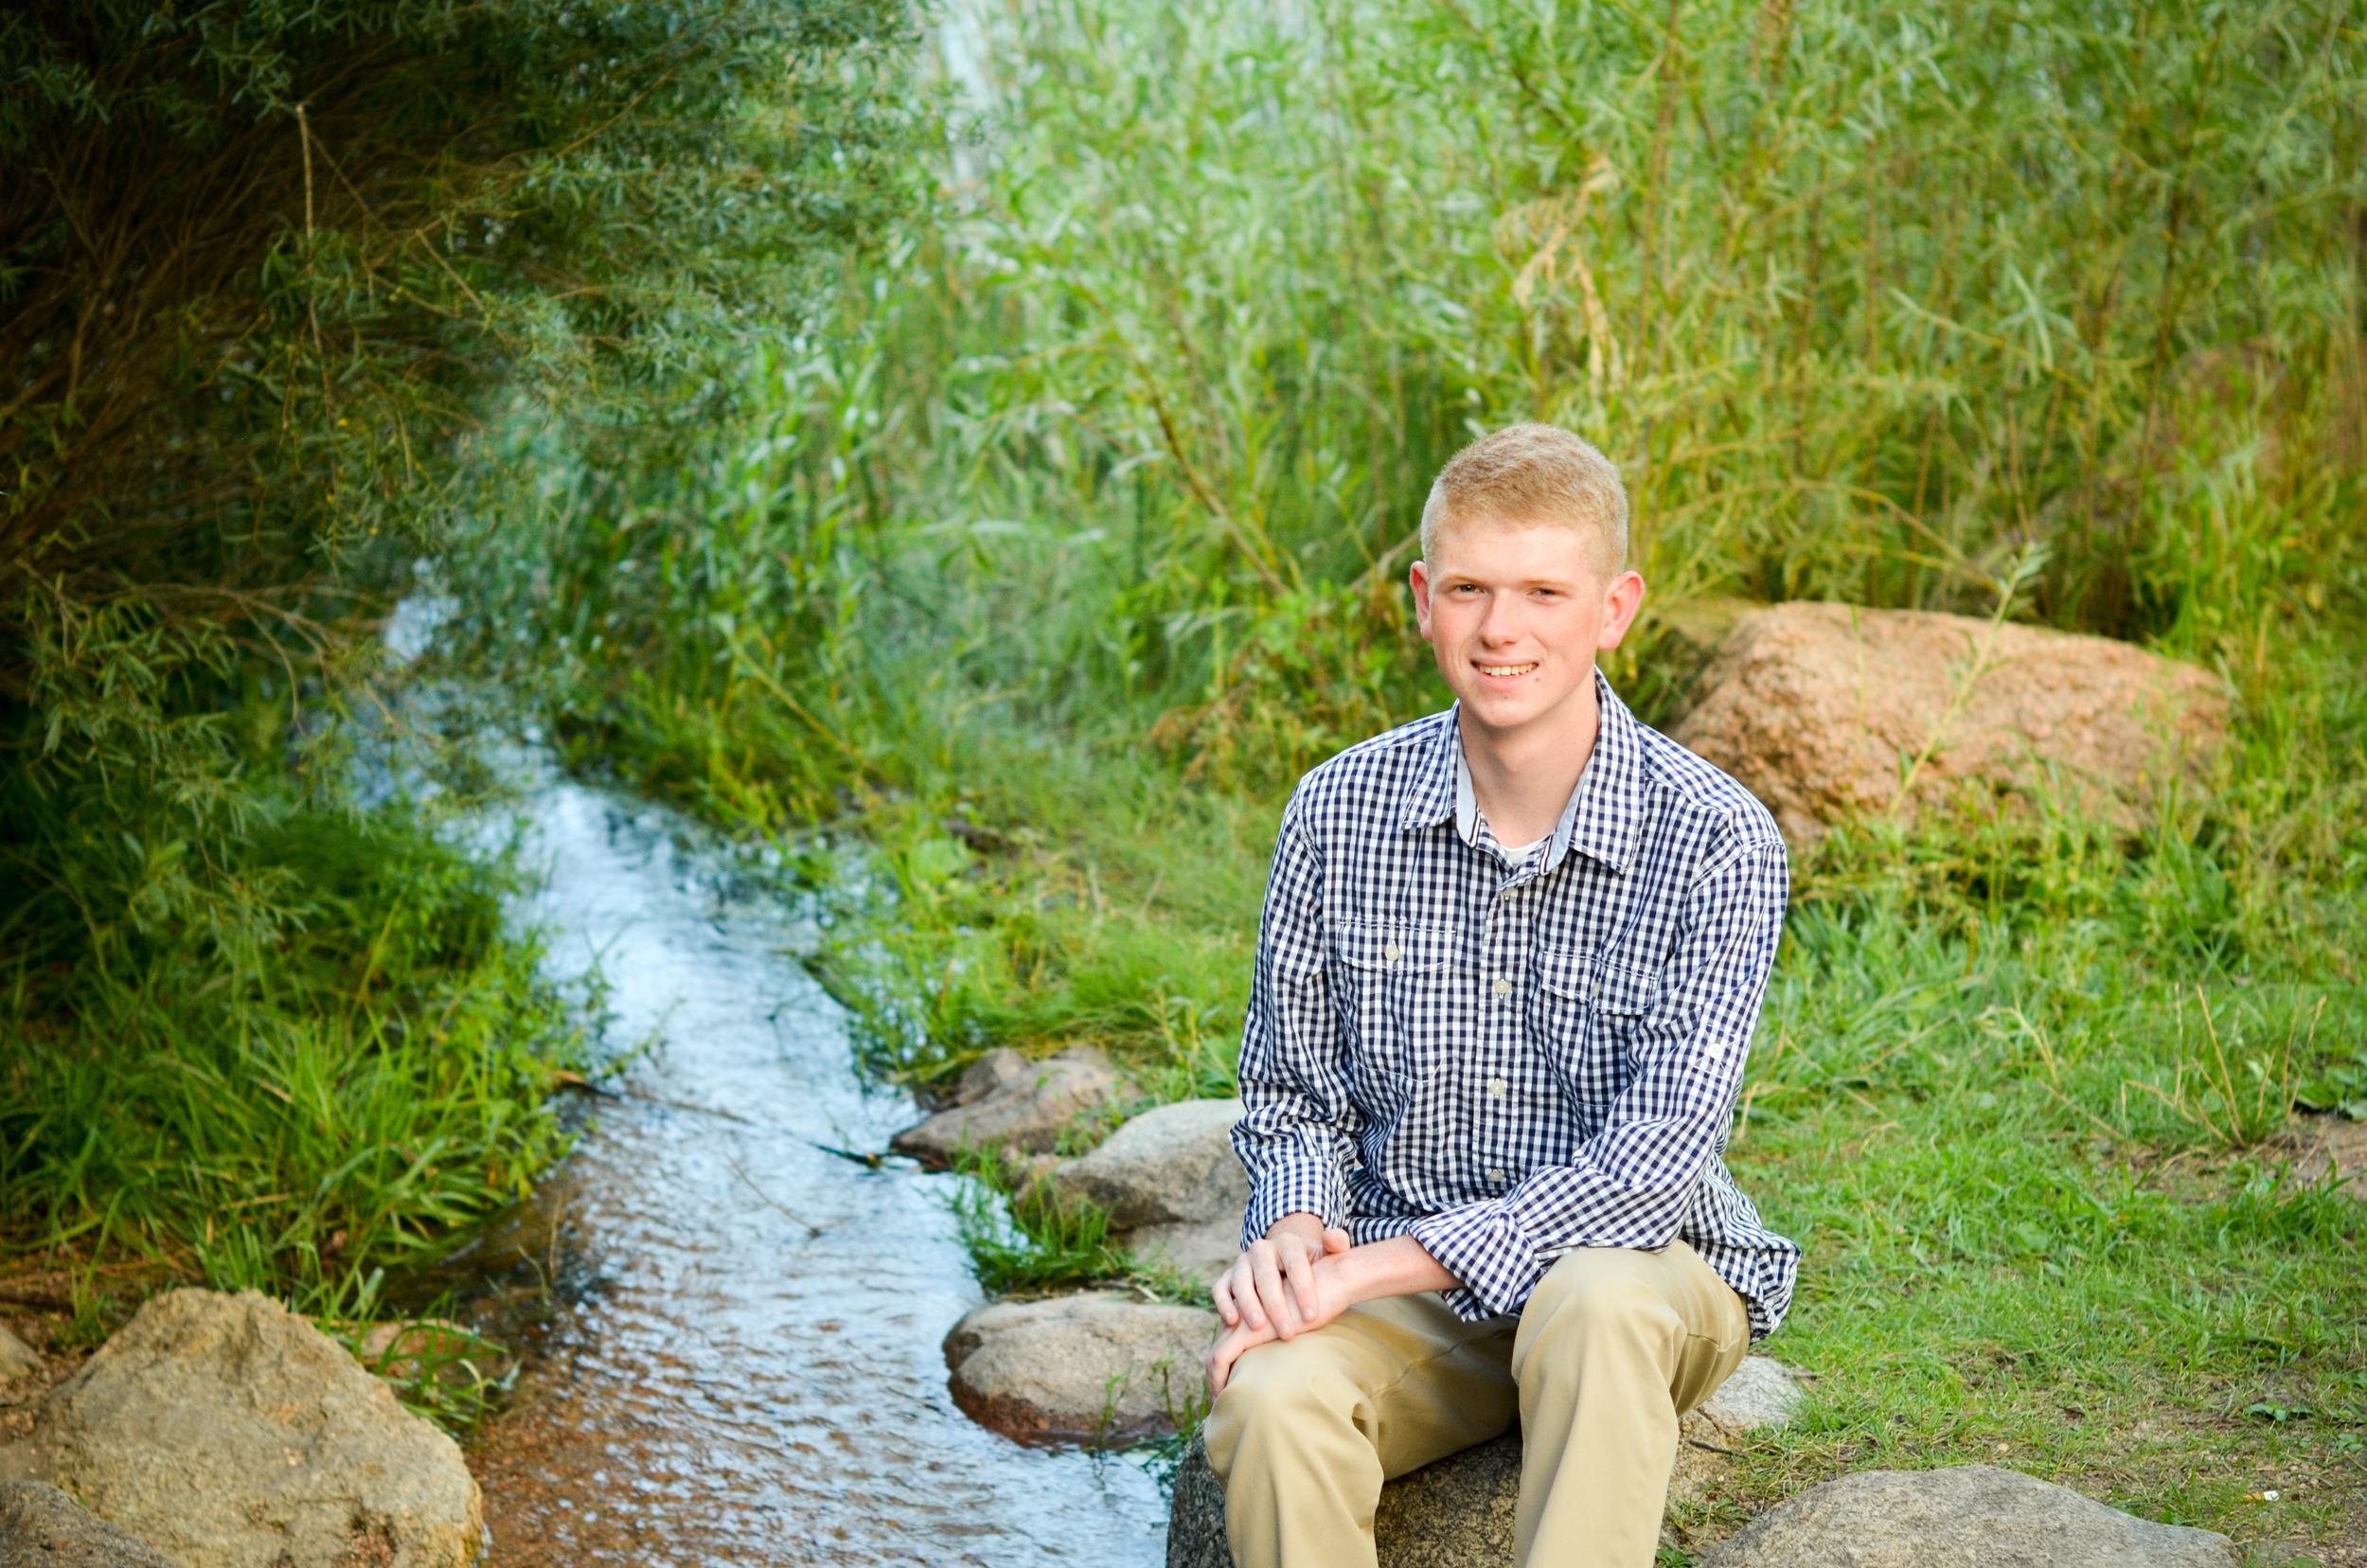 senior photography photographer colorado springs colorado